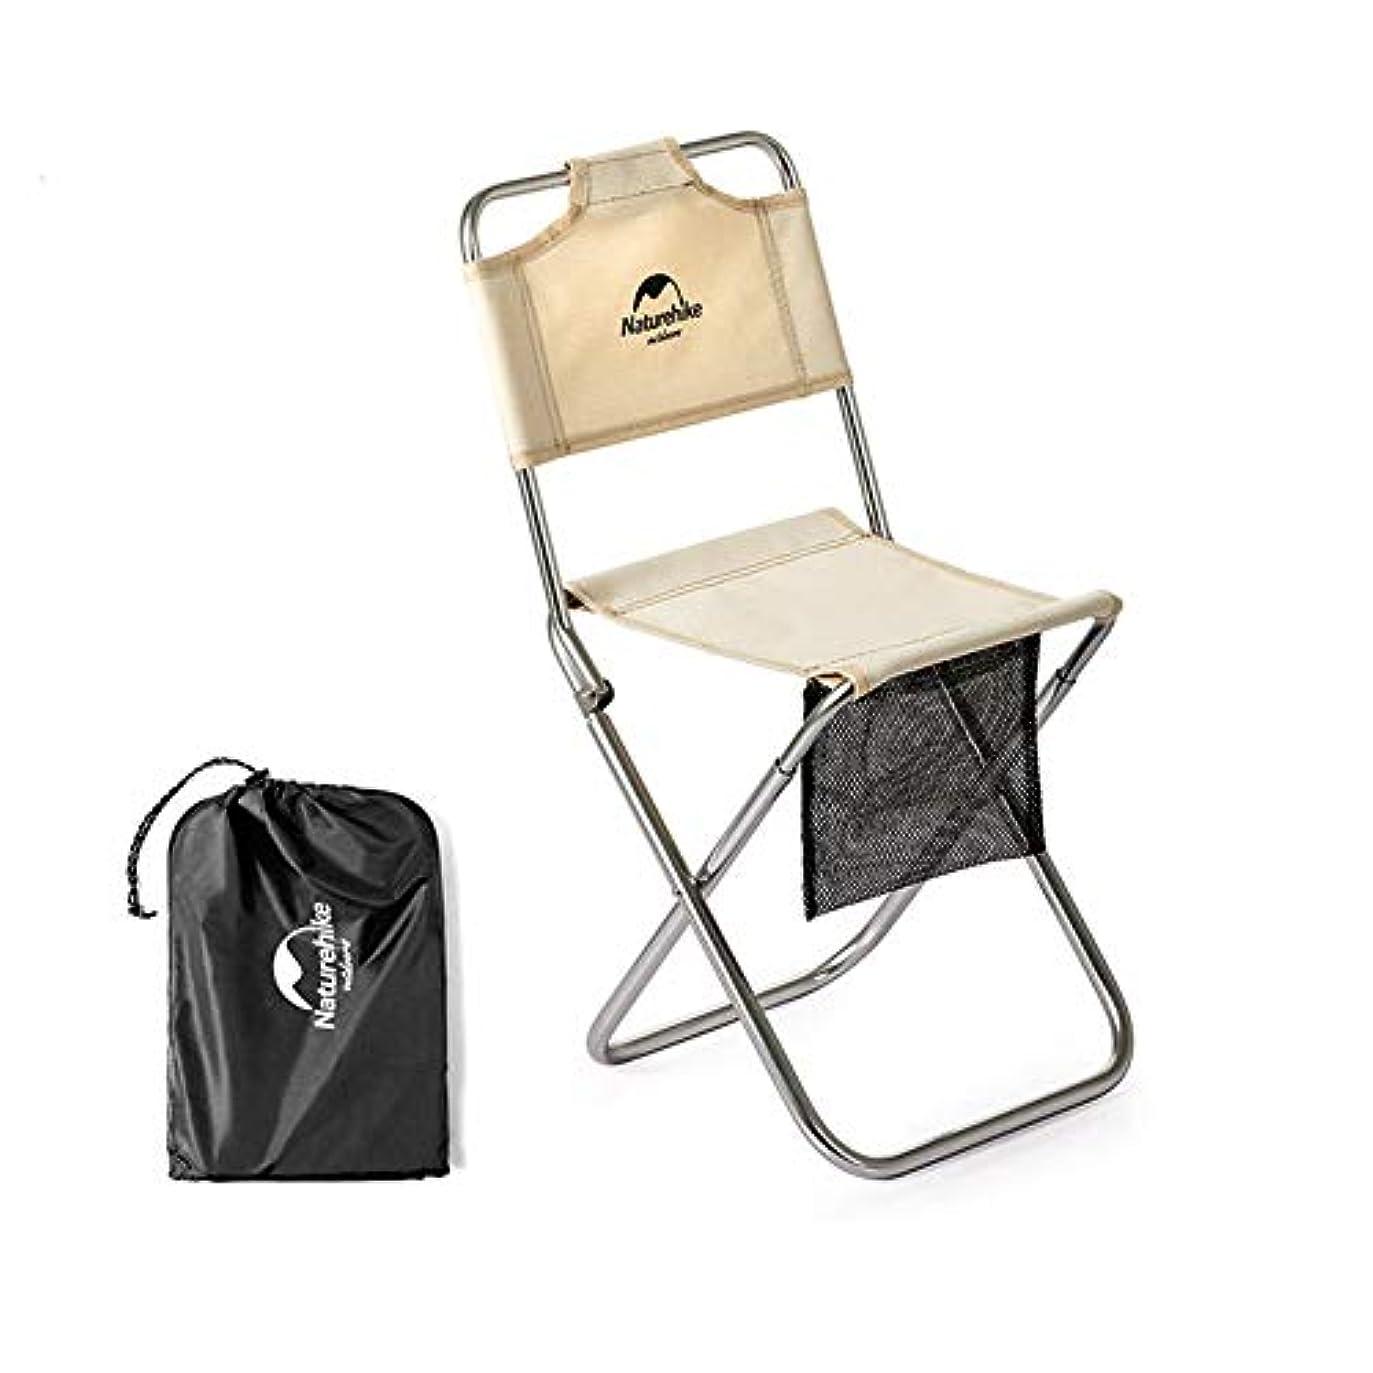 真っ逆さま病弱名前を作る折りたたみ椅子釣りスツールスケッチスツールポータブルバーベキューコンパクト超軽量軽量用屋外ピクニックハイキング